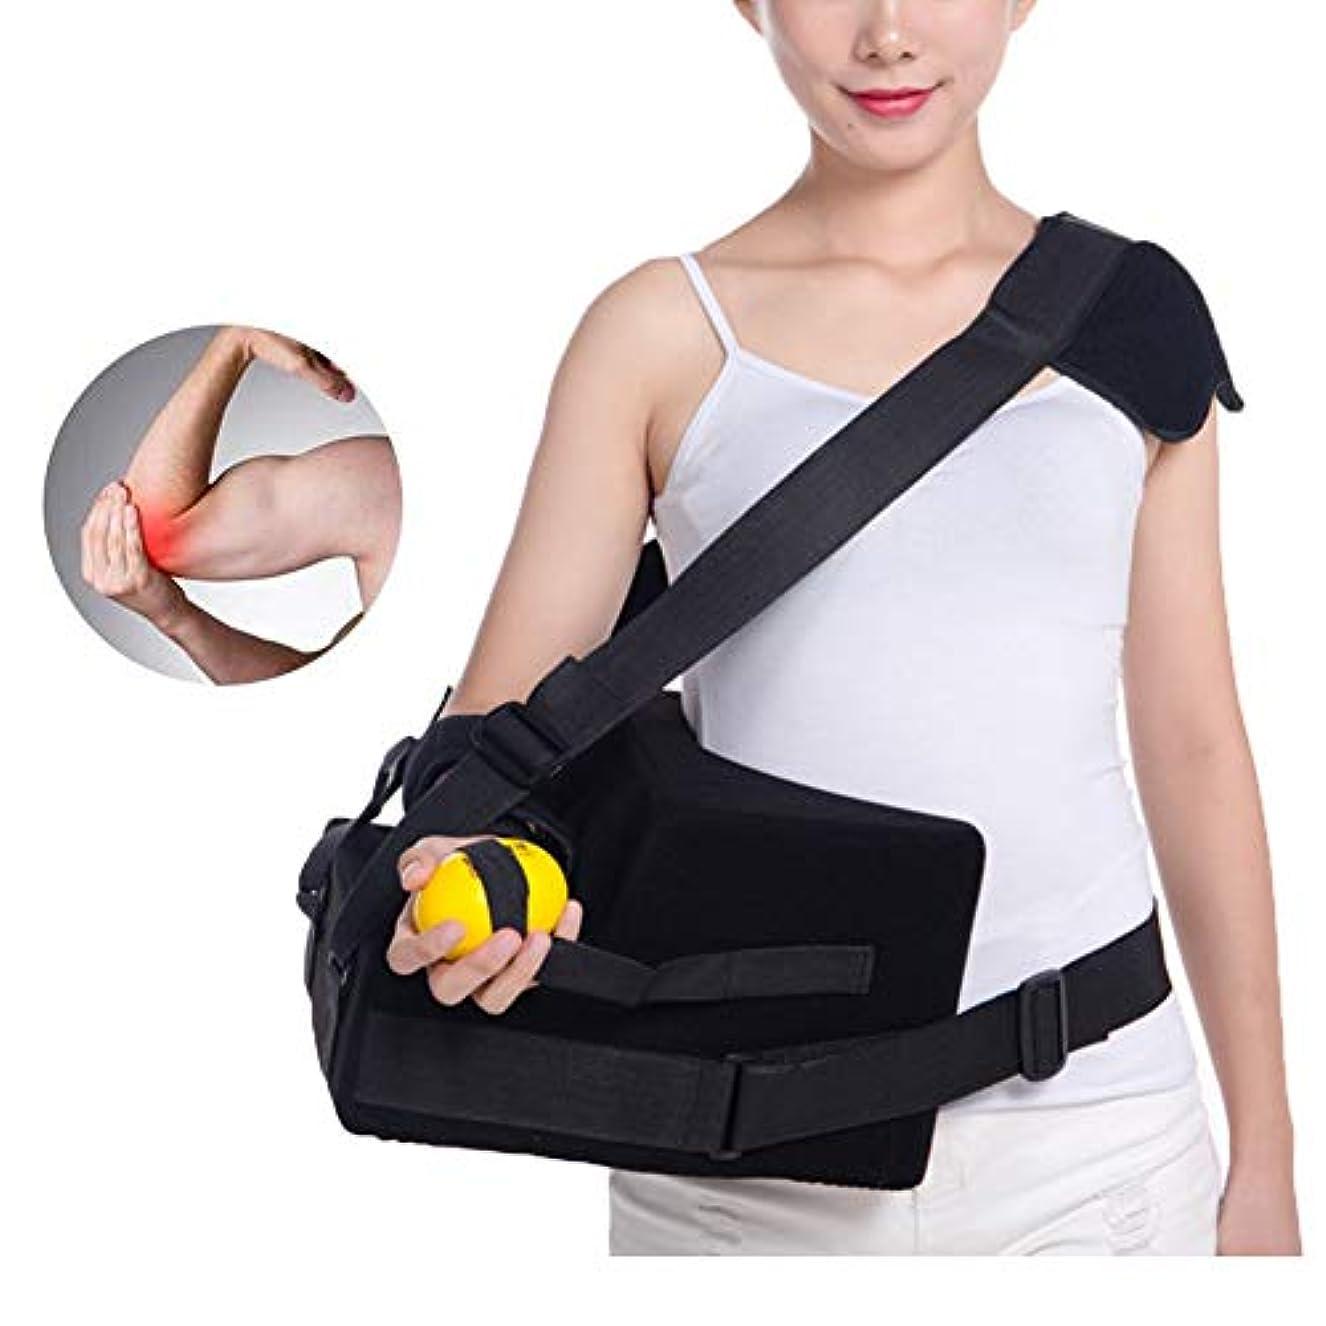 ダイアクリティカルボス殺す腕のスリングの肘サポートブレース肩外転ベルト骨折、腕の骨折、手首、肘、肩のけがの軽減とサポート、ワンサイズ - ユニセックス